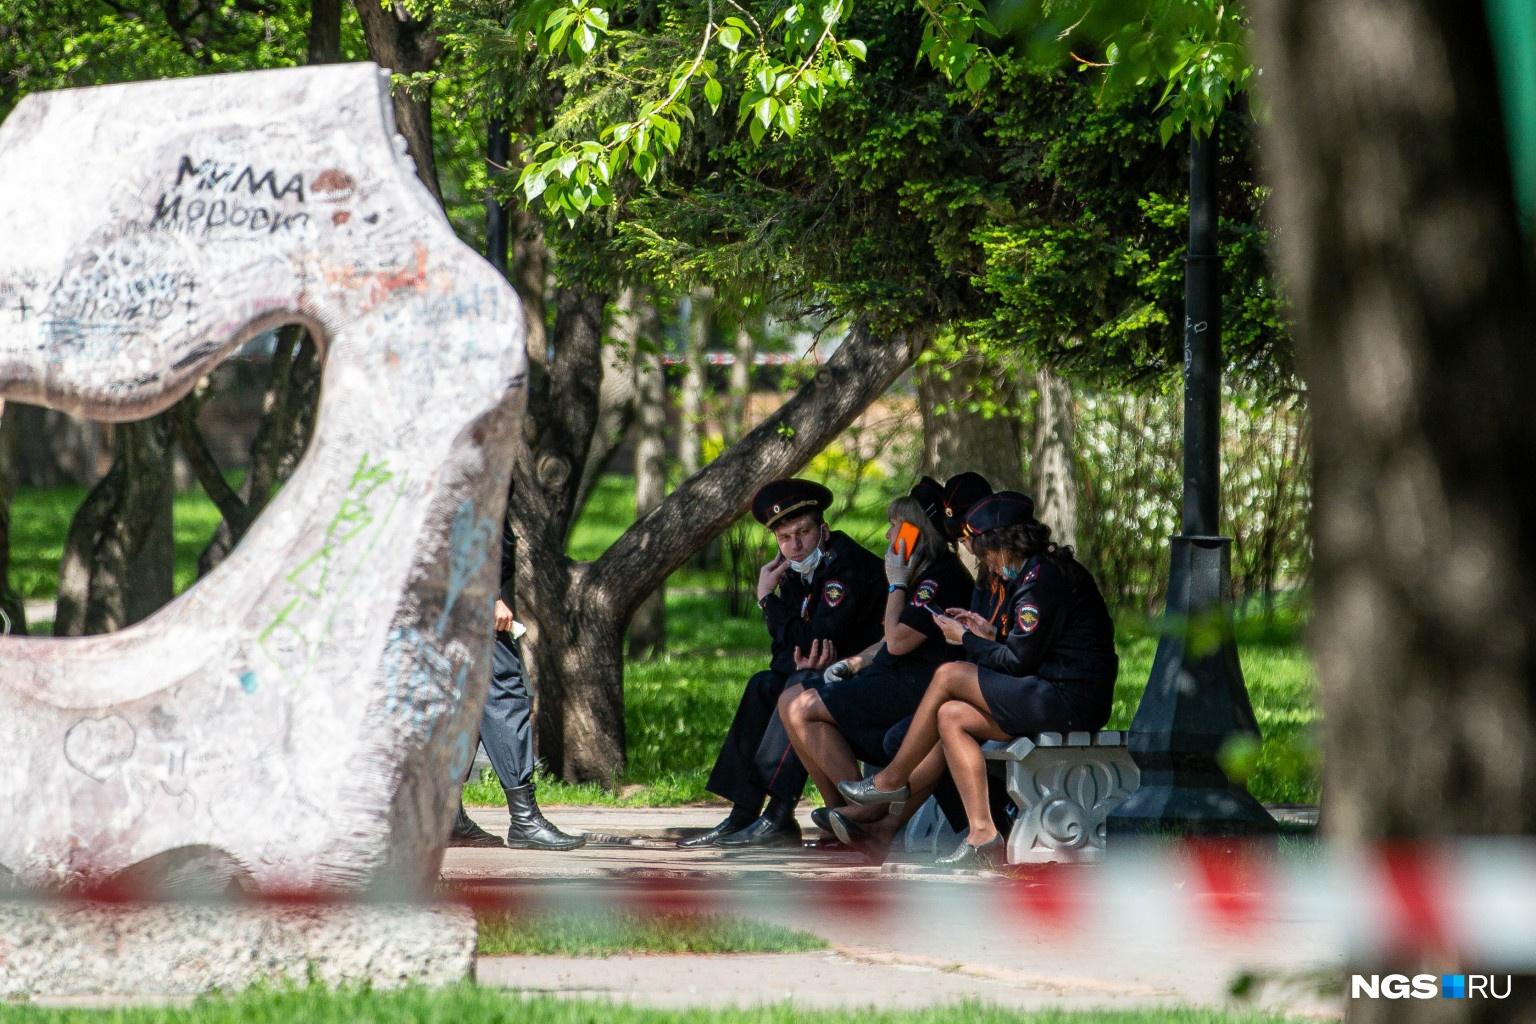 Полицейские охраняют Первомайский сквер — но не совсем понятно от кого